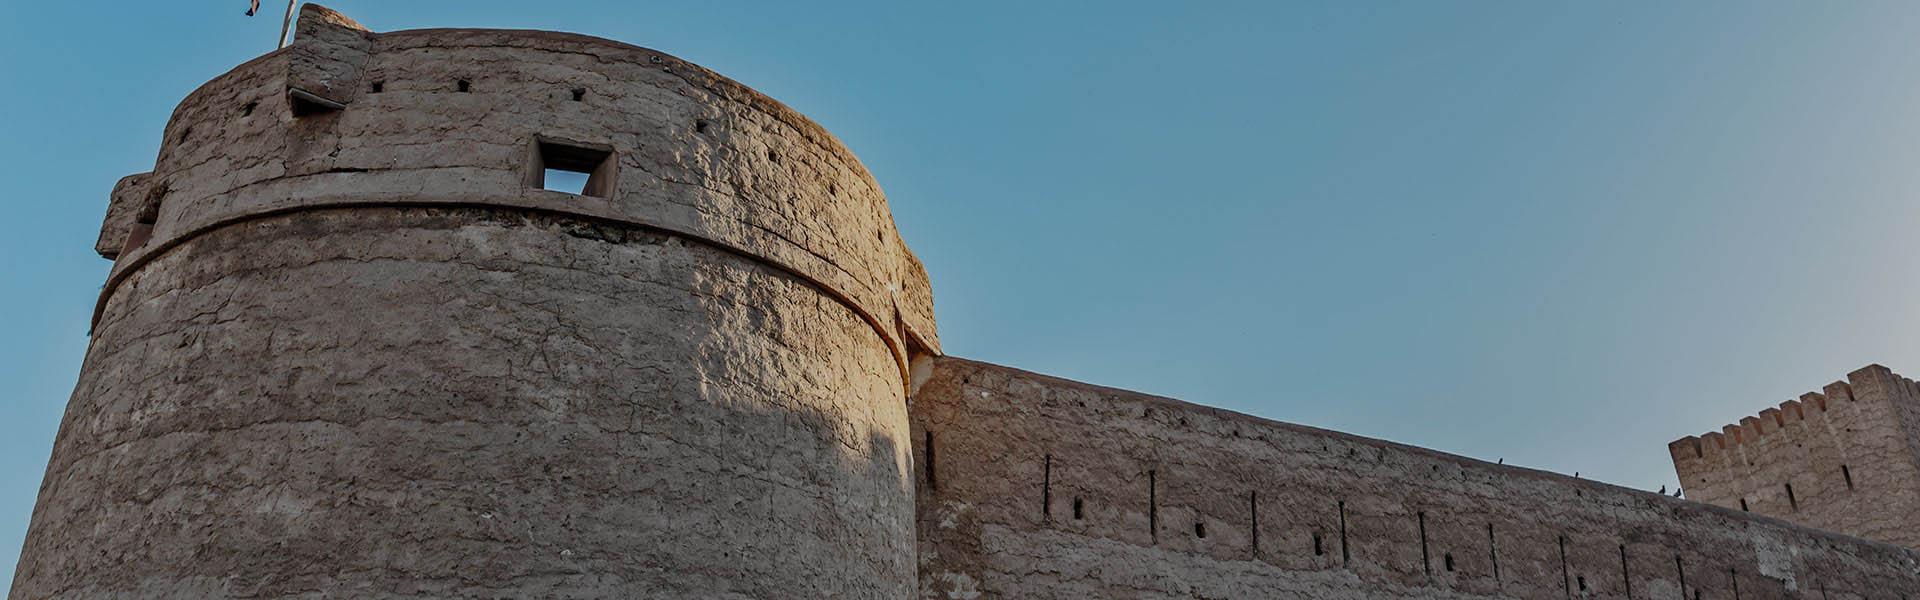 Al-Fahidi-Fort Watch Tower